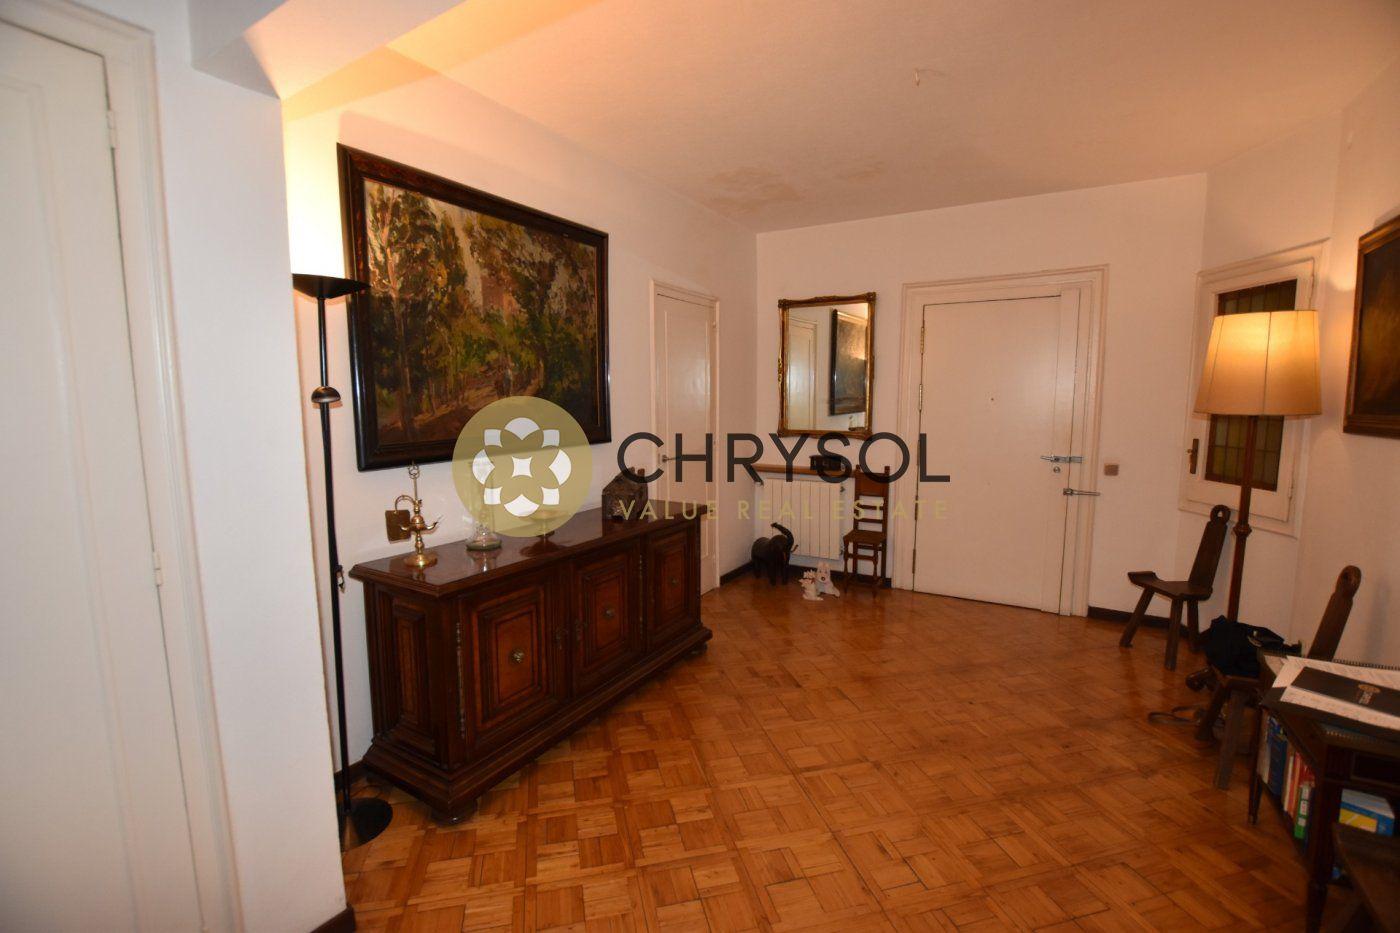 Fotogalería - 28 - Chrysol Value